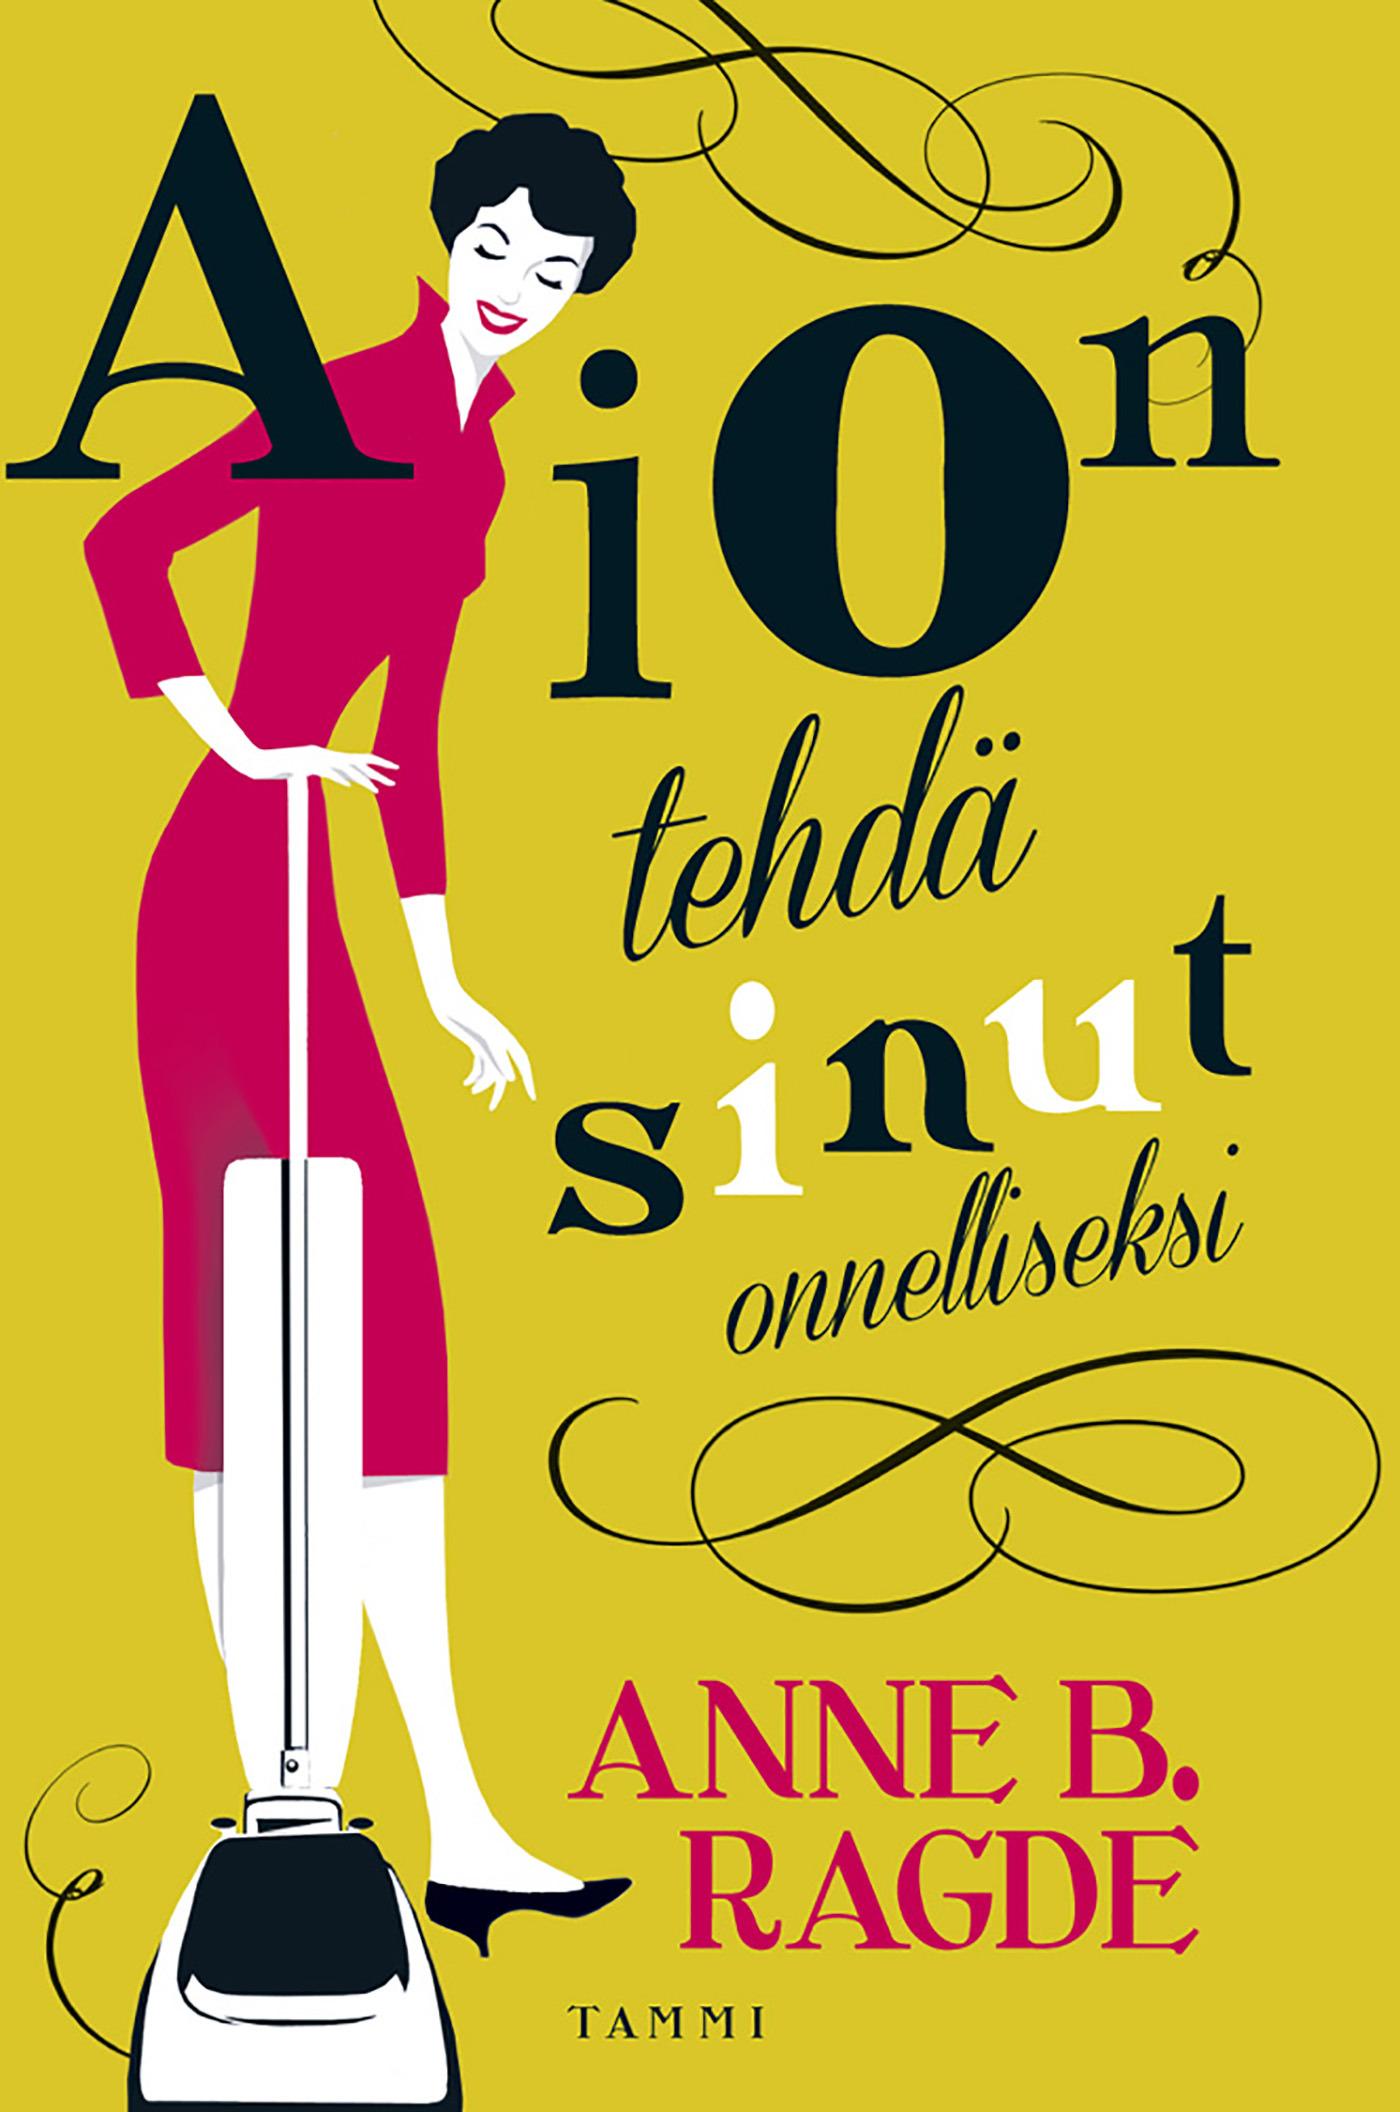 Ragde, Anne B. - Aion tehdä sinut onnelliseksi, e-kirja